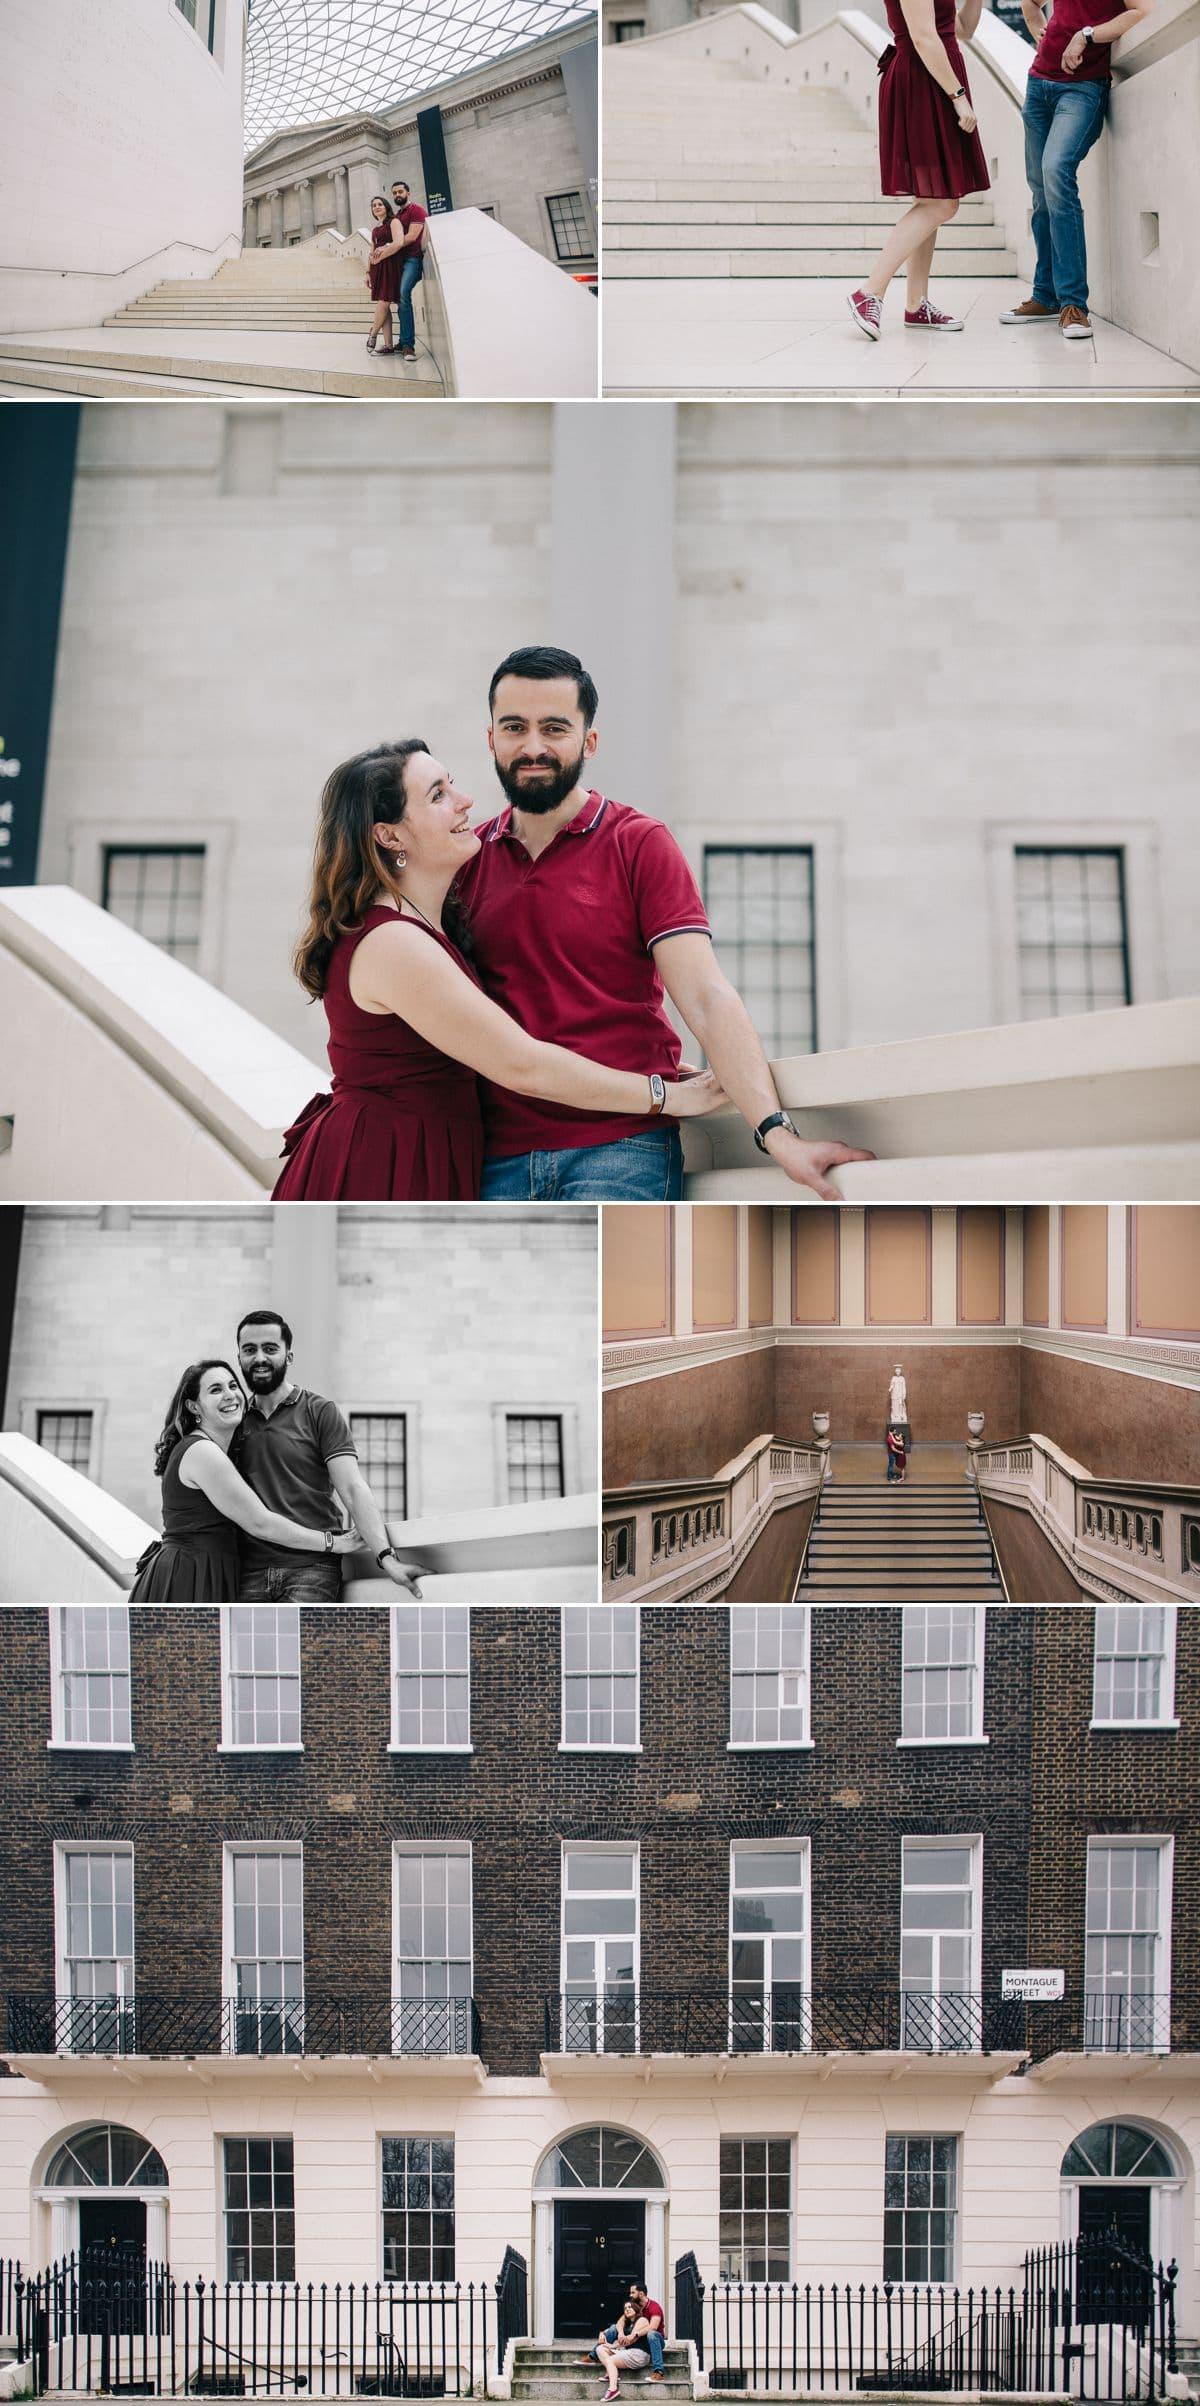 clement-renaut-photographe-professionnel-strasbourg-alsace-mariage-portrait-grossesse 10